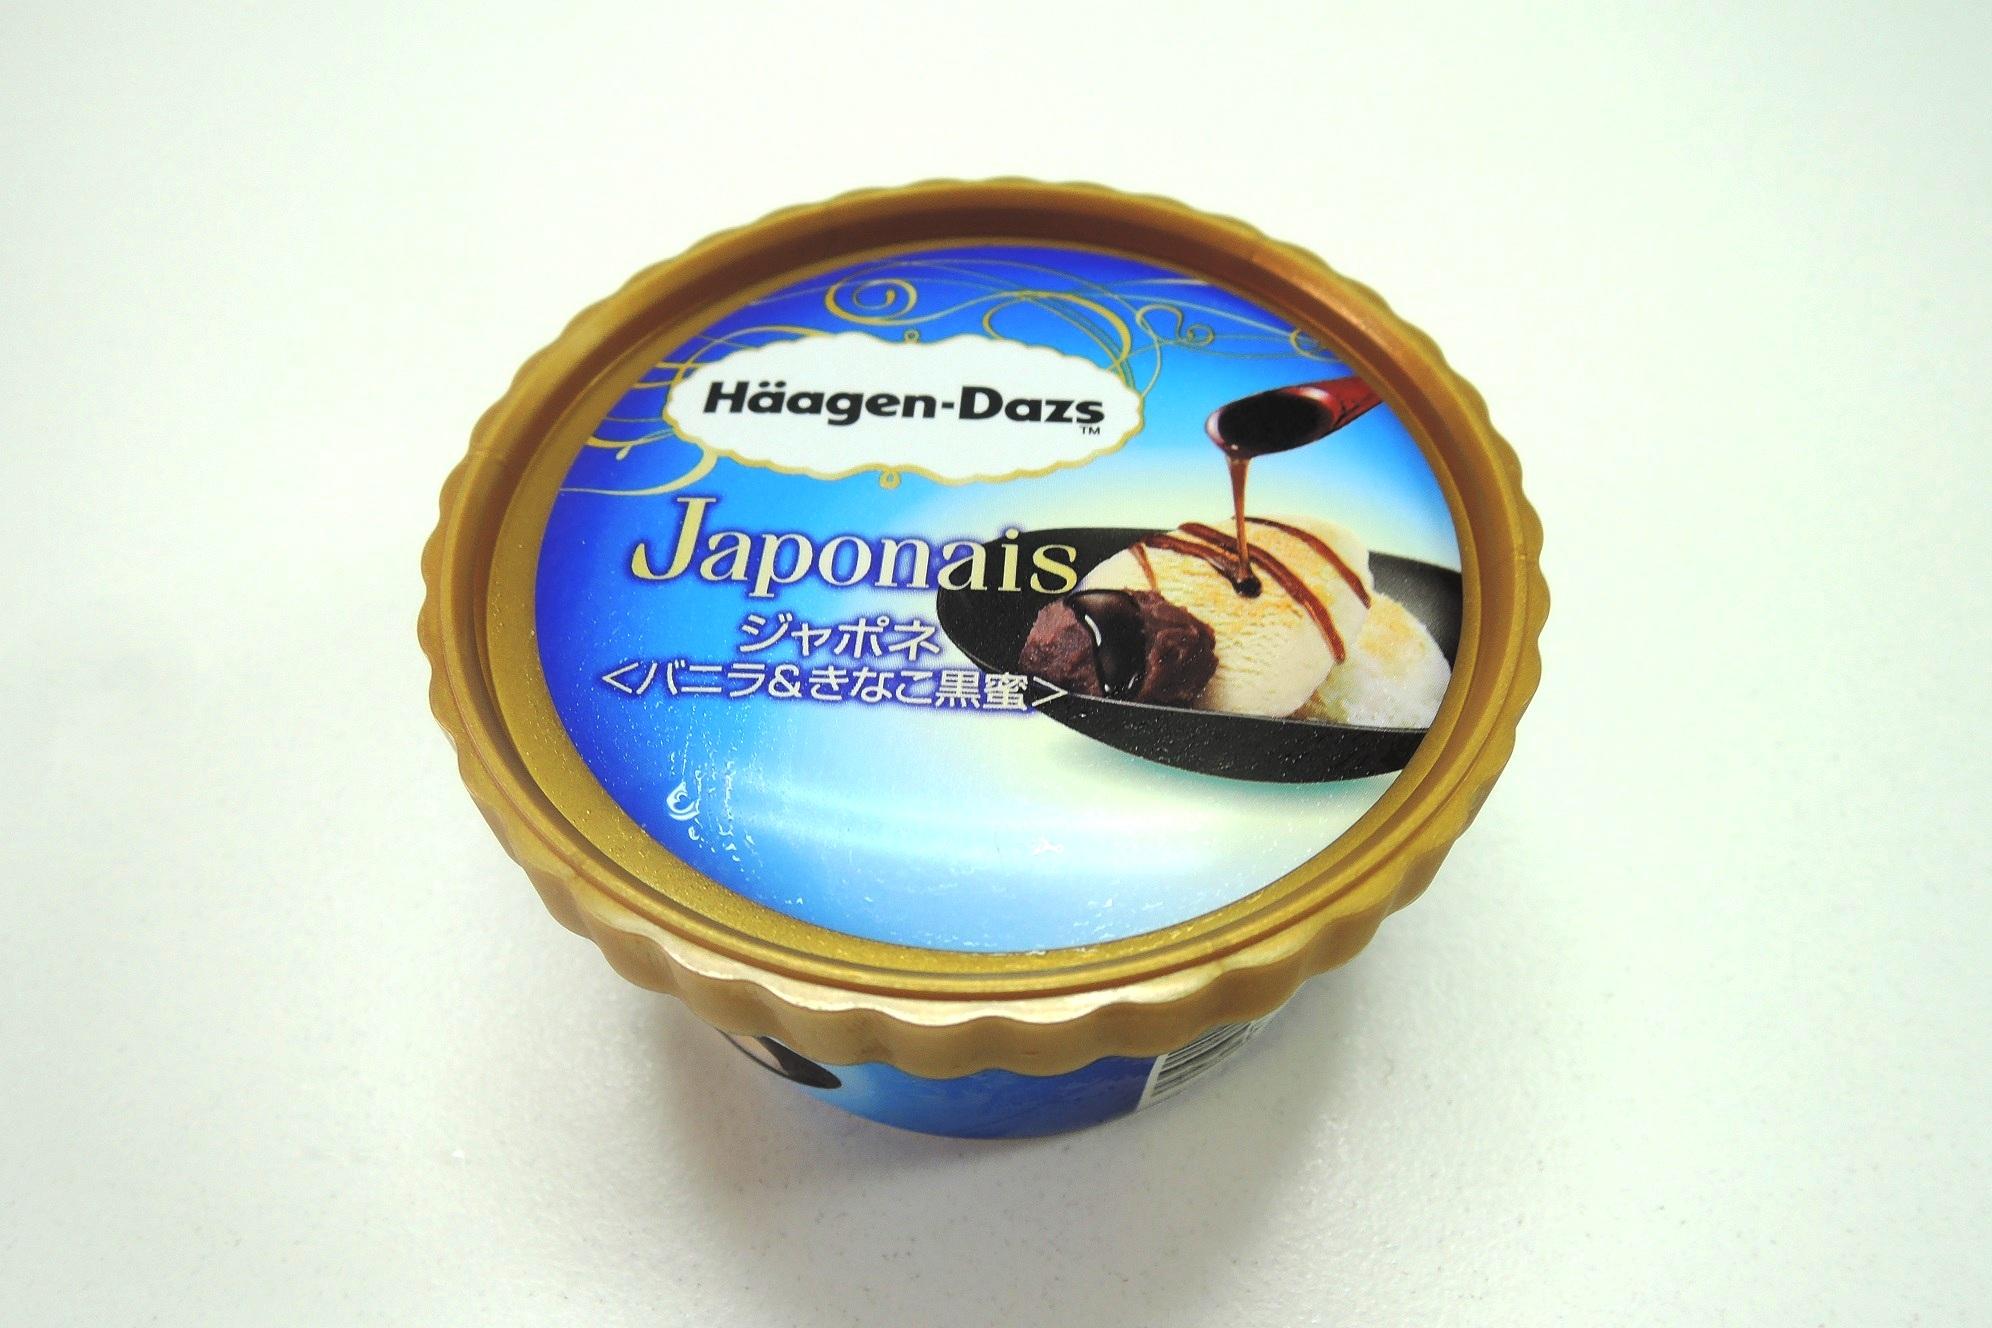 ハーゲンダッツの新作和スイーツ♪セブンイレブン限定の「ジャポネ <バニラ&きなこ黒蜜>」を食べてみました!